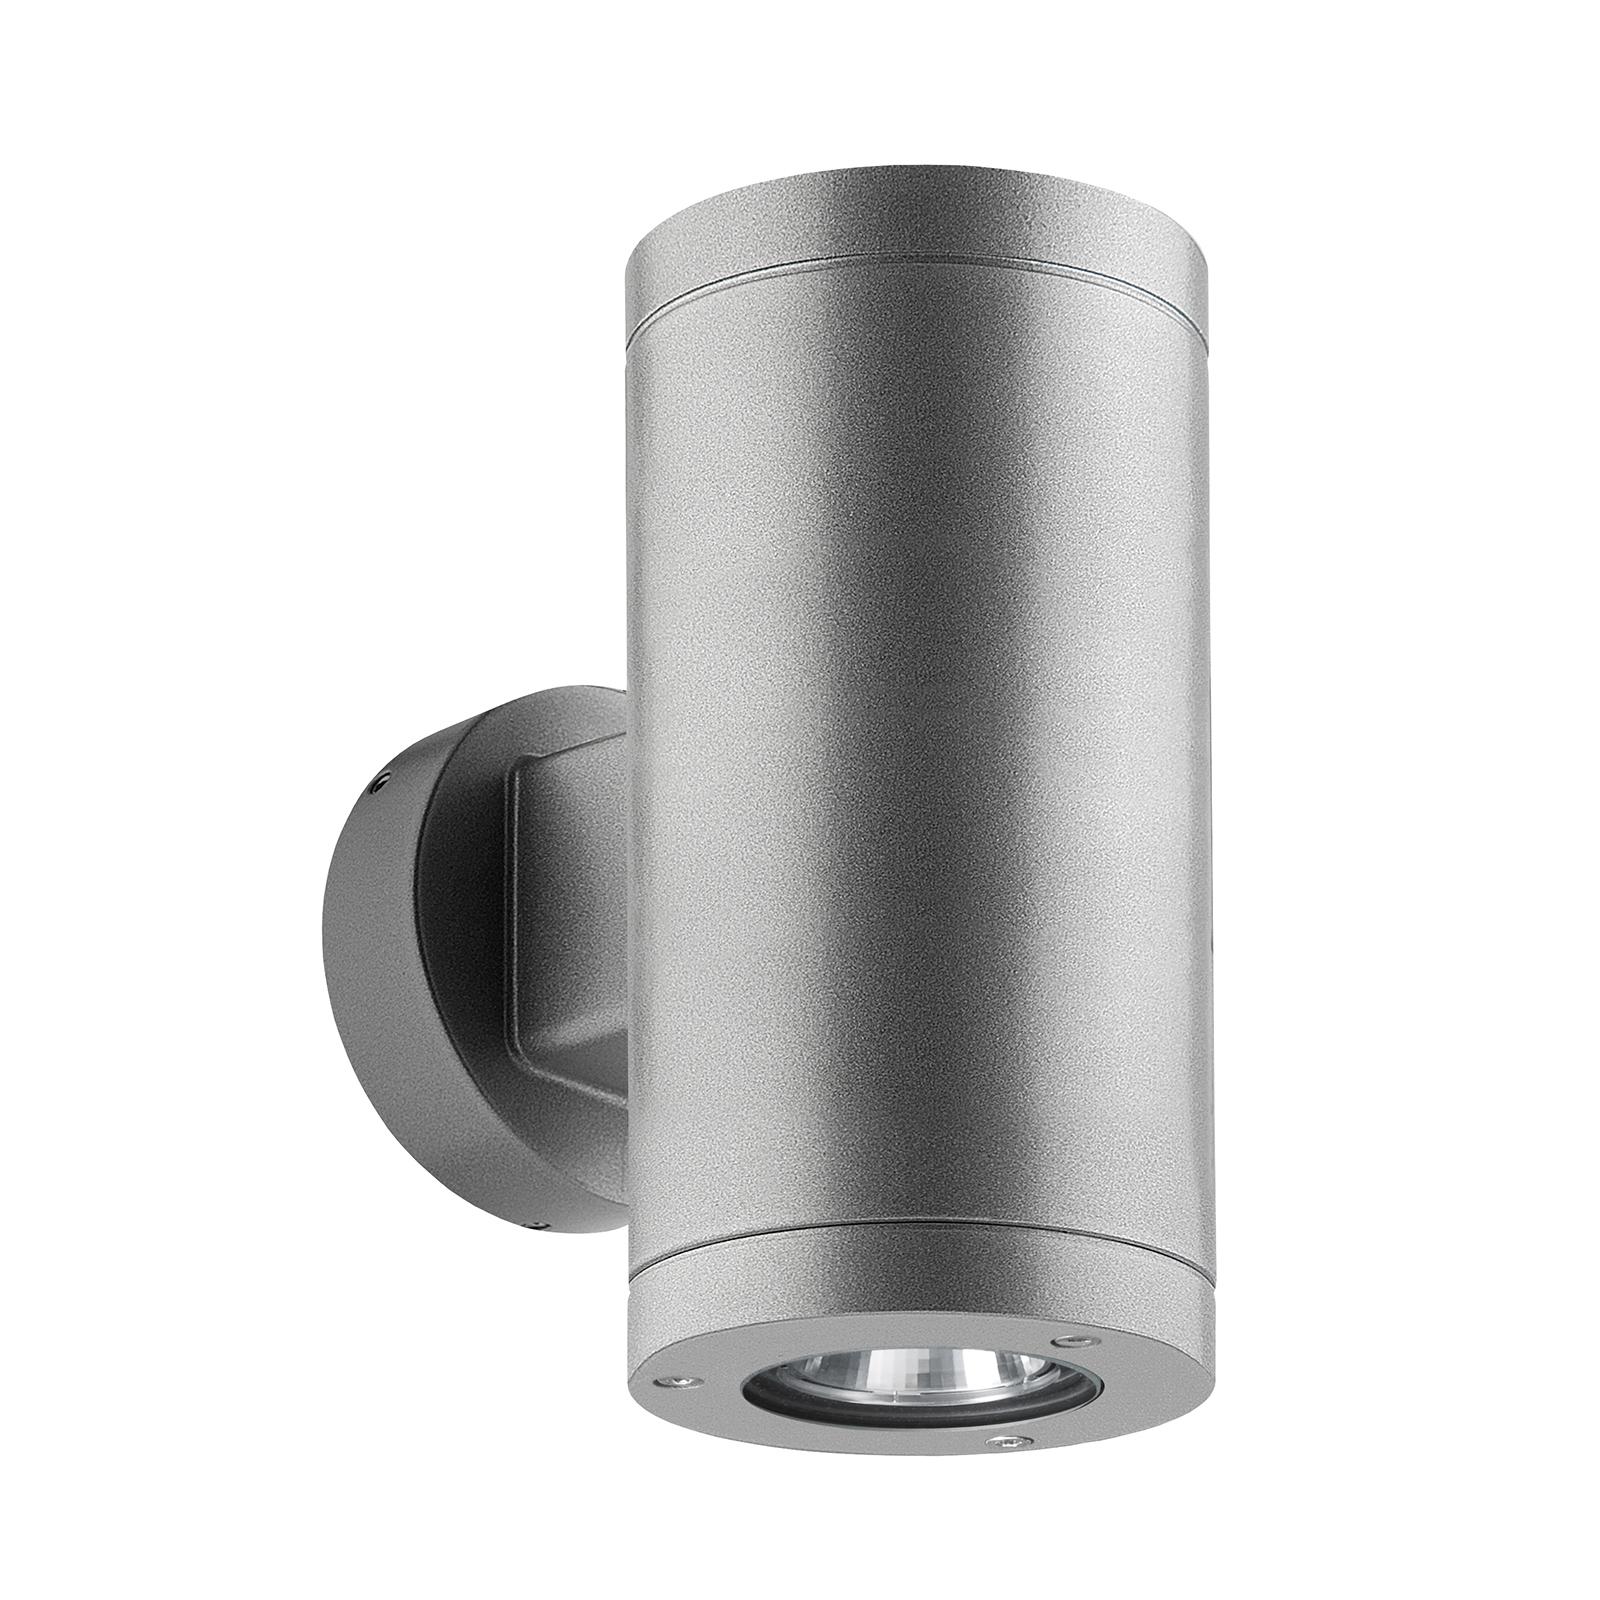 LED-Außenwandleuchte 1067 up/down, silber 54°/54°